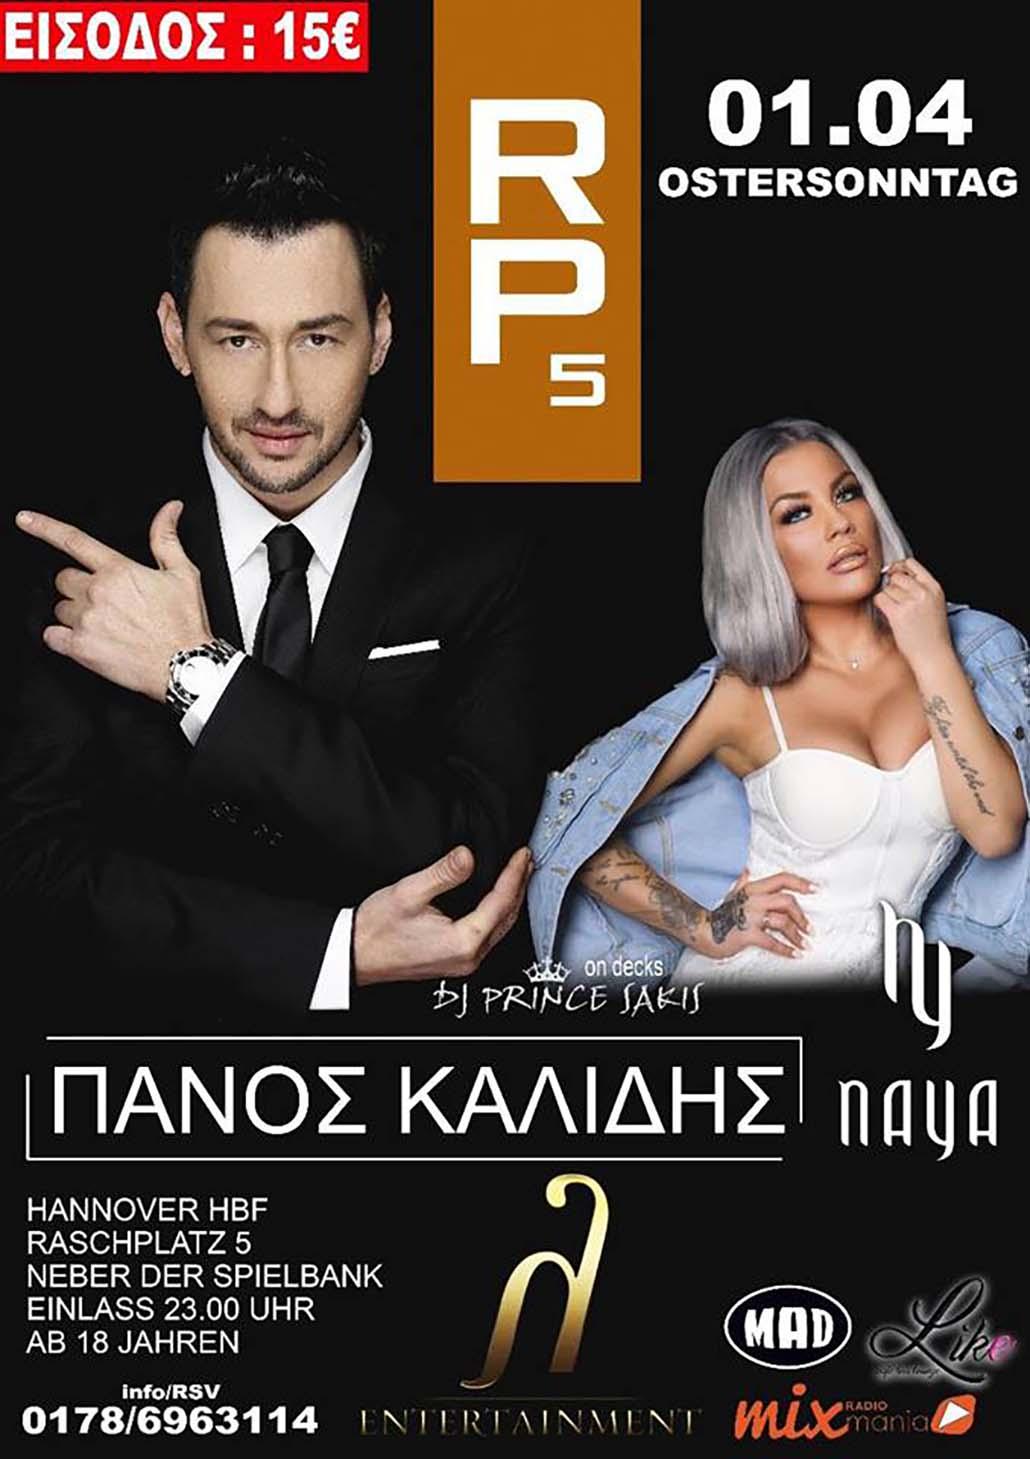 Καλίδης & Naya